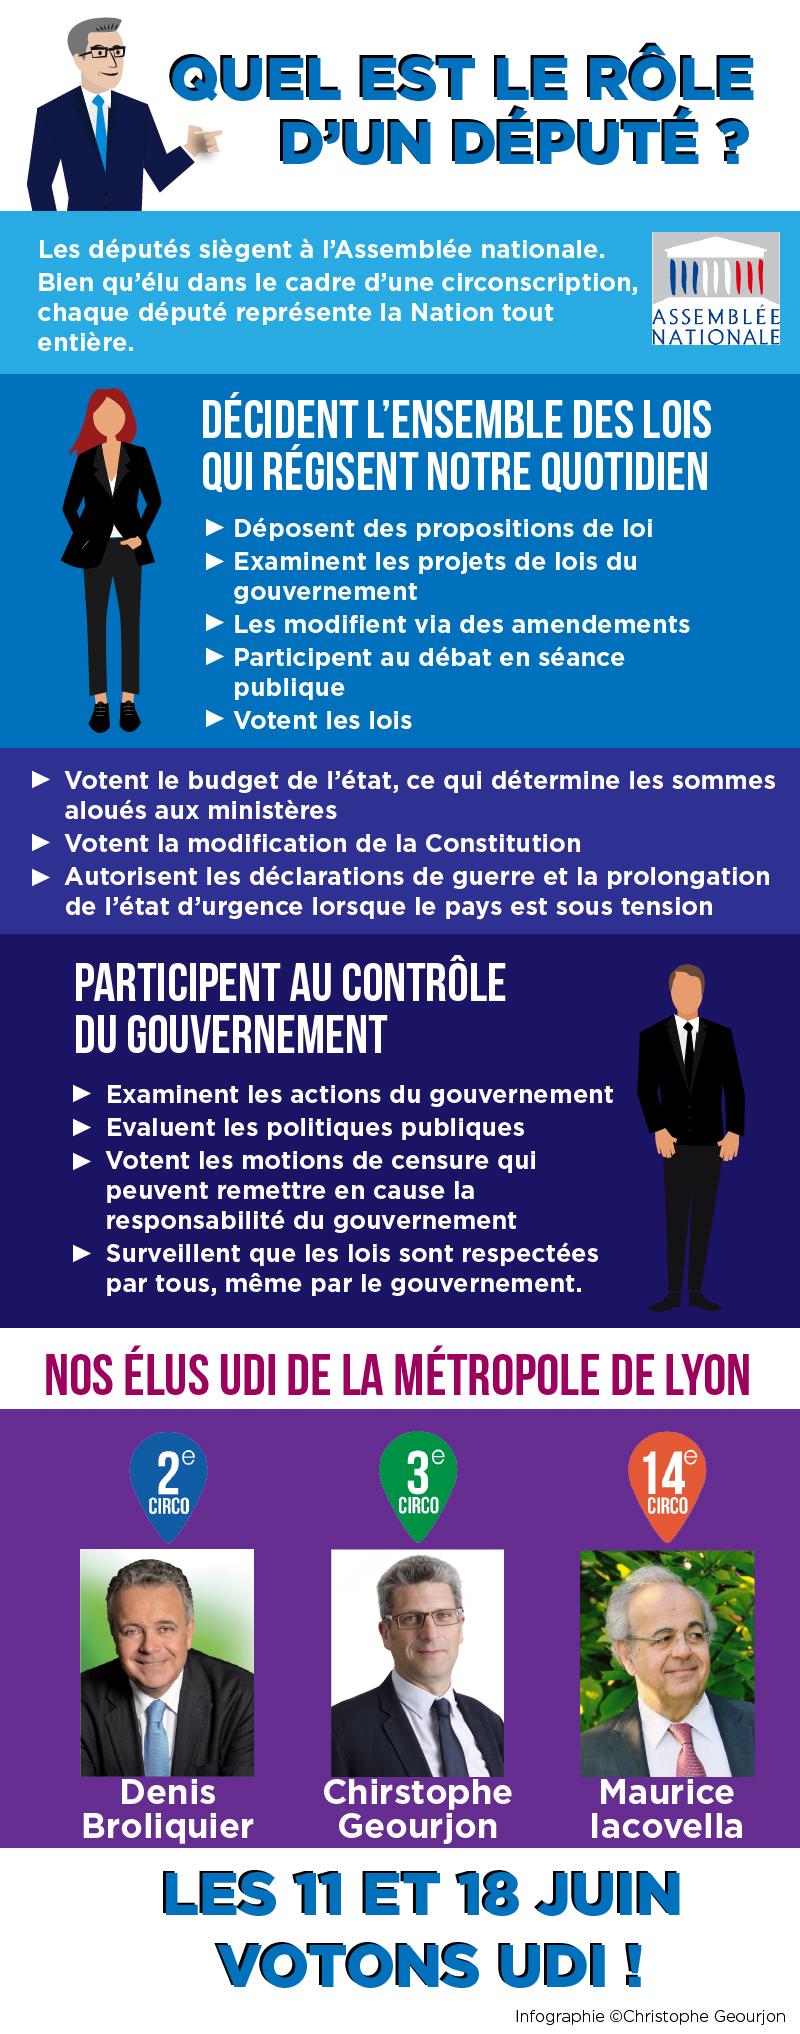 Infographie-Réseaux-sociaux---Rôle-d'un-député-Christophe-Geourjon-Denis-Broliquier---Maurice-Iacovela-Fédération-UDI-Métropole-de-Lyon-Législatives-2017